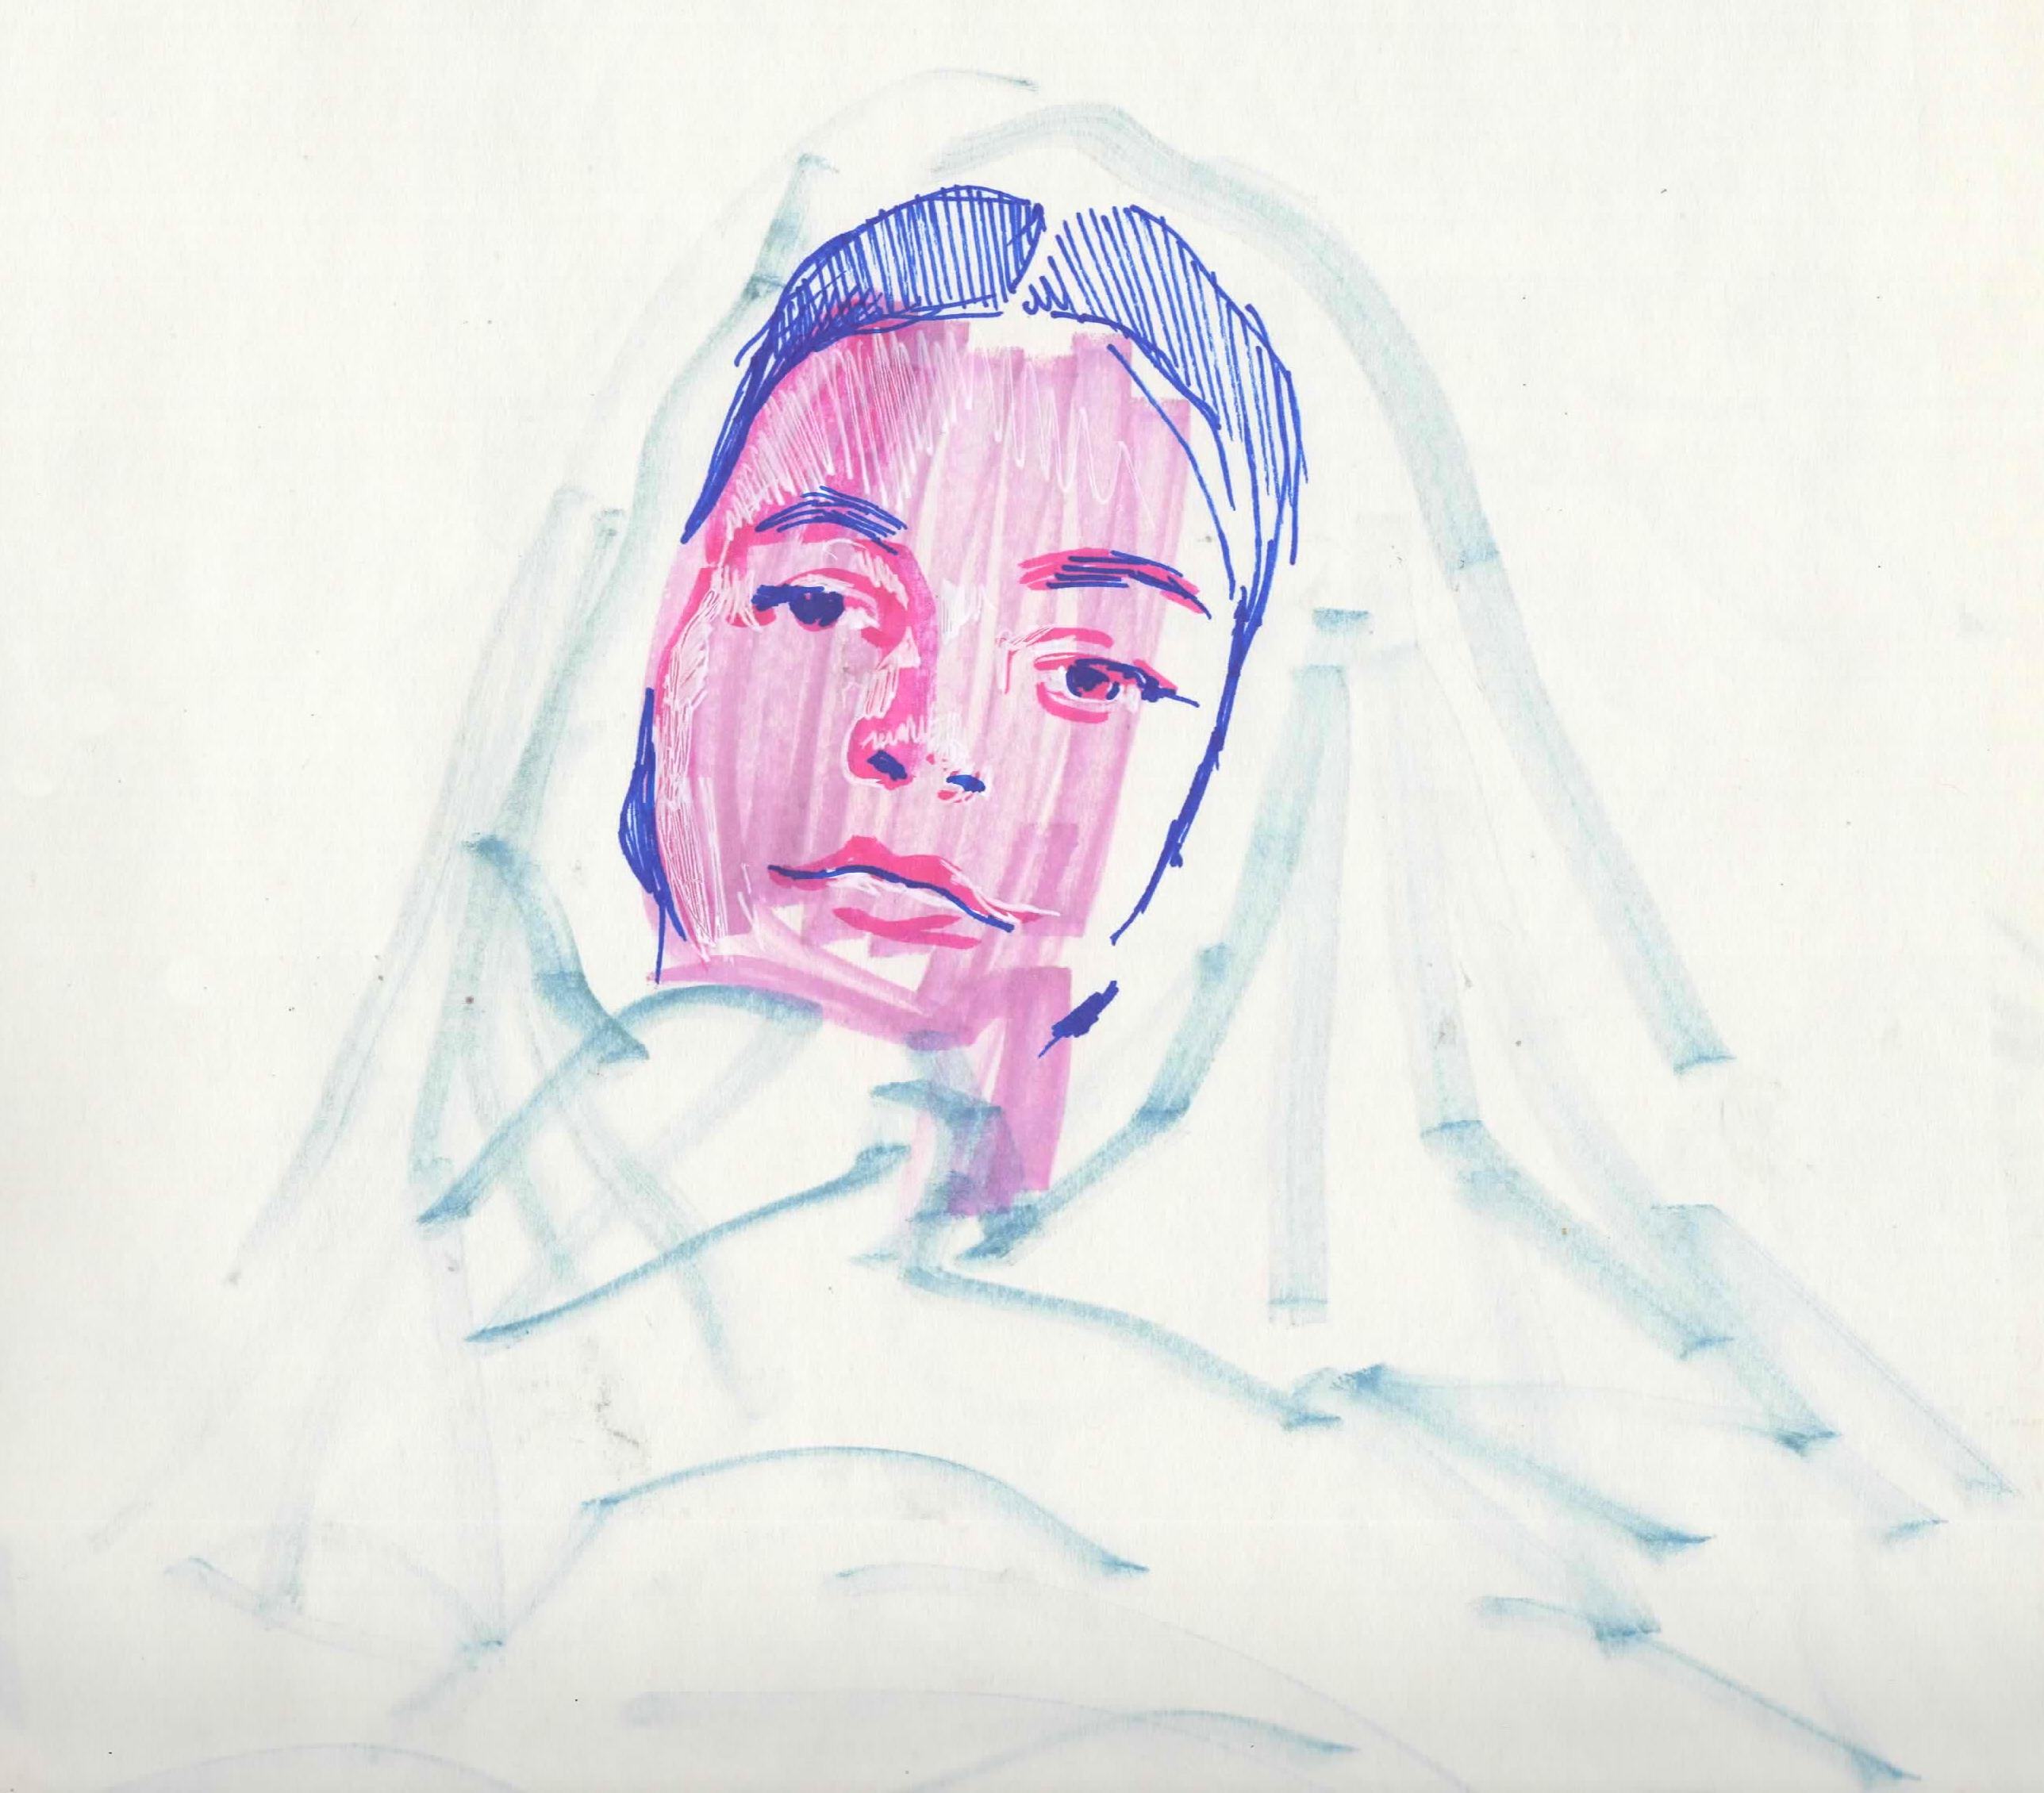 Kim the Bride